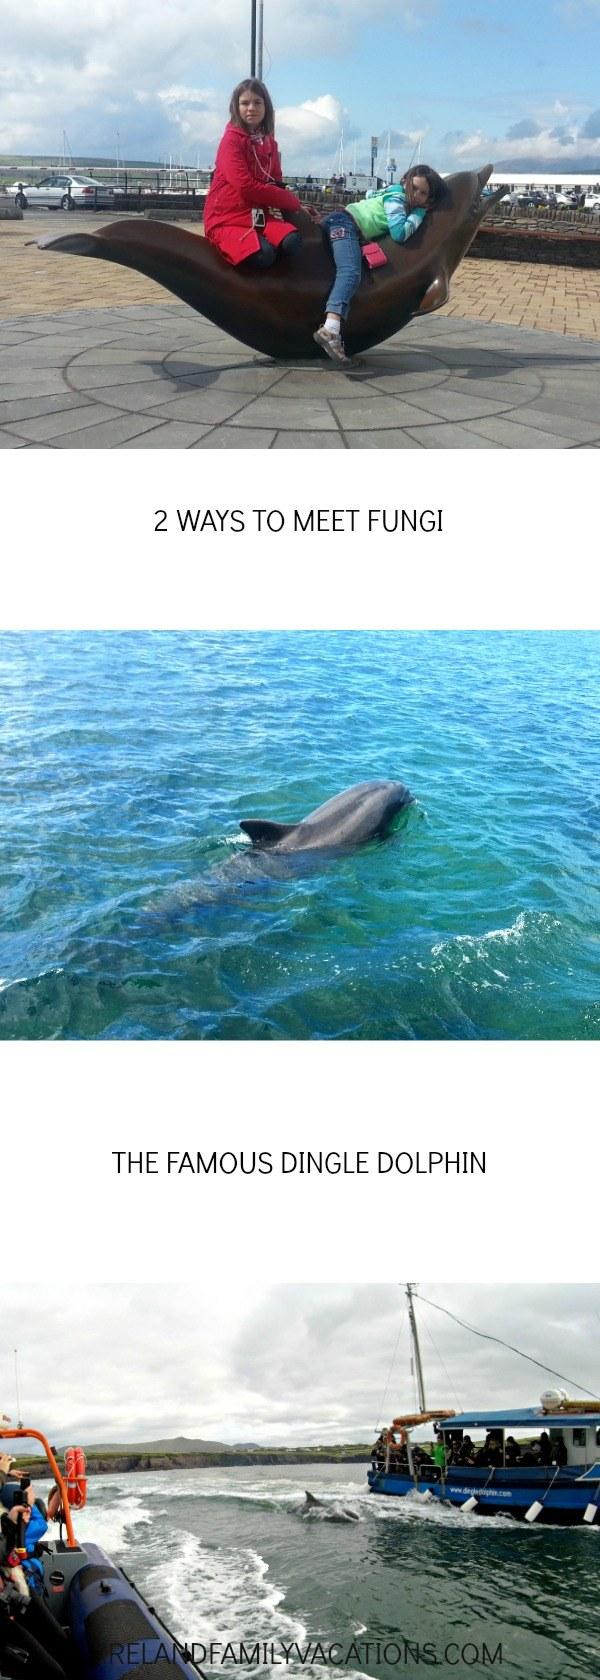 2 Ways to Meet Fungi the Dingle Dolphin. Boat tours in Dingle, Ireland. Ireland travel tips | Ireland vacation | IrelandFamilyVacations.com